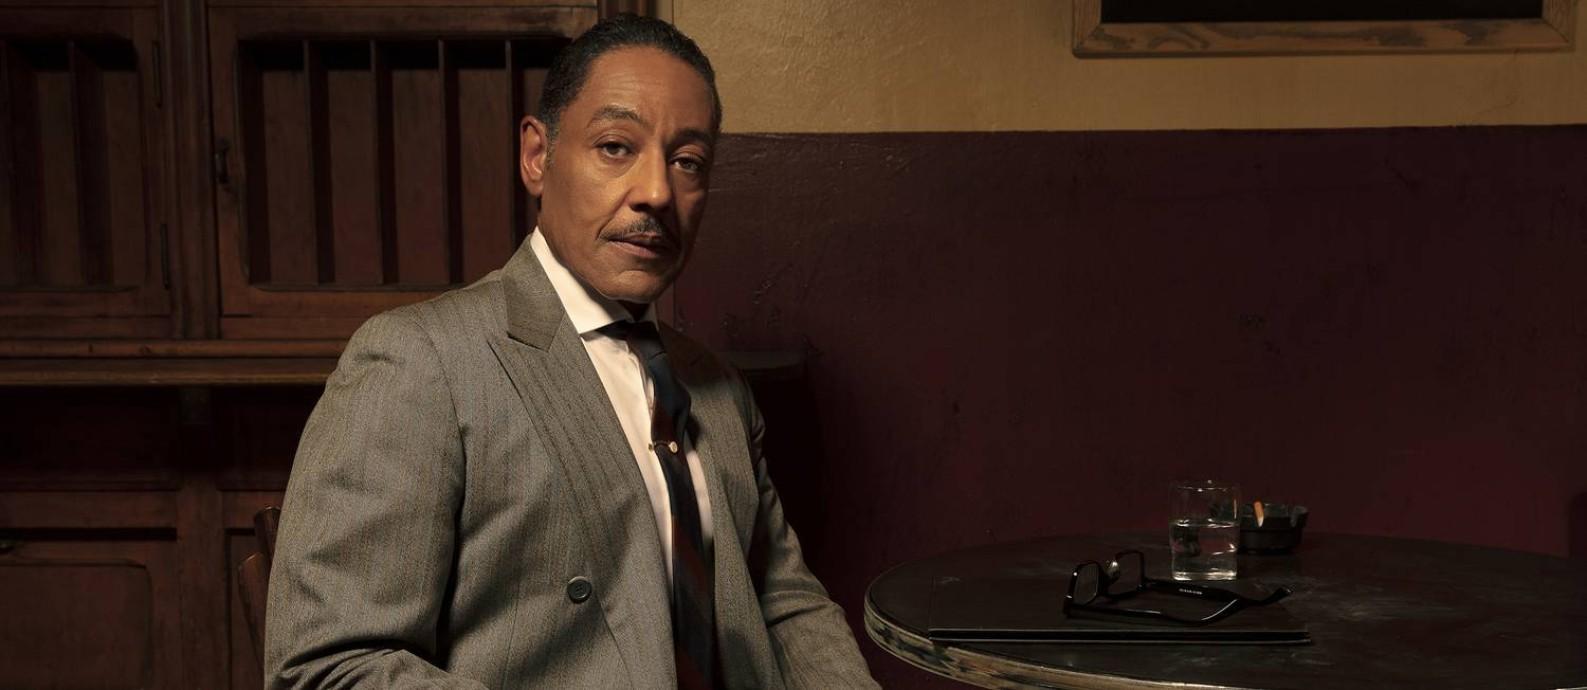 Giancarlo Esposito como o político Adam Clayton Powell Jr., retratado na série 'Godfather of Harlem' Foto: Jamel Shabazz/Epix